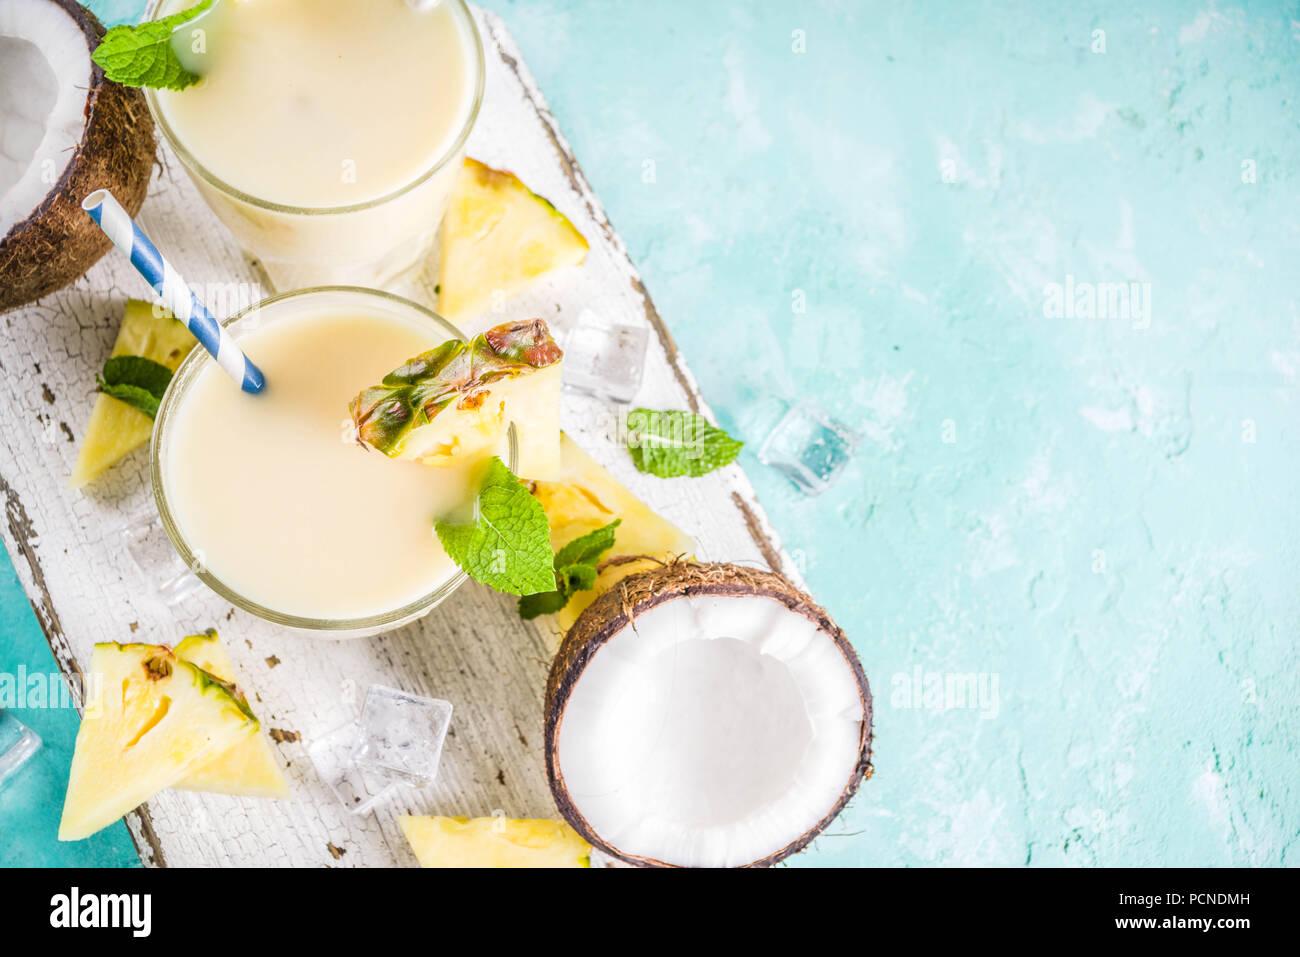 Dissetante bevanda estiva, in casa di pina colada cocktail, su un fondo azzurro, con pezzi di ananas, noce di cocco, ghiaccio e foglie di menta, spazio copia Immagini Stock